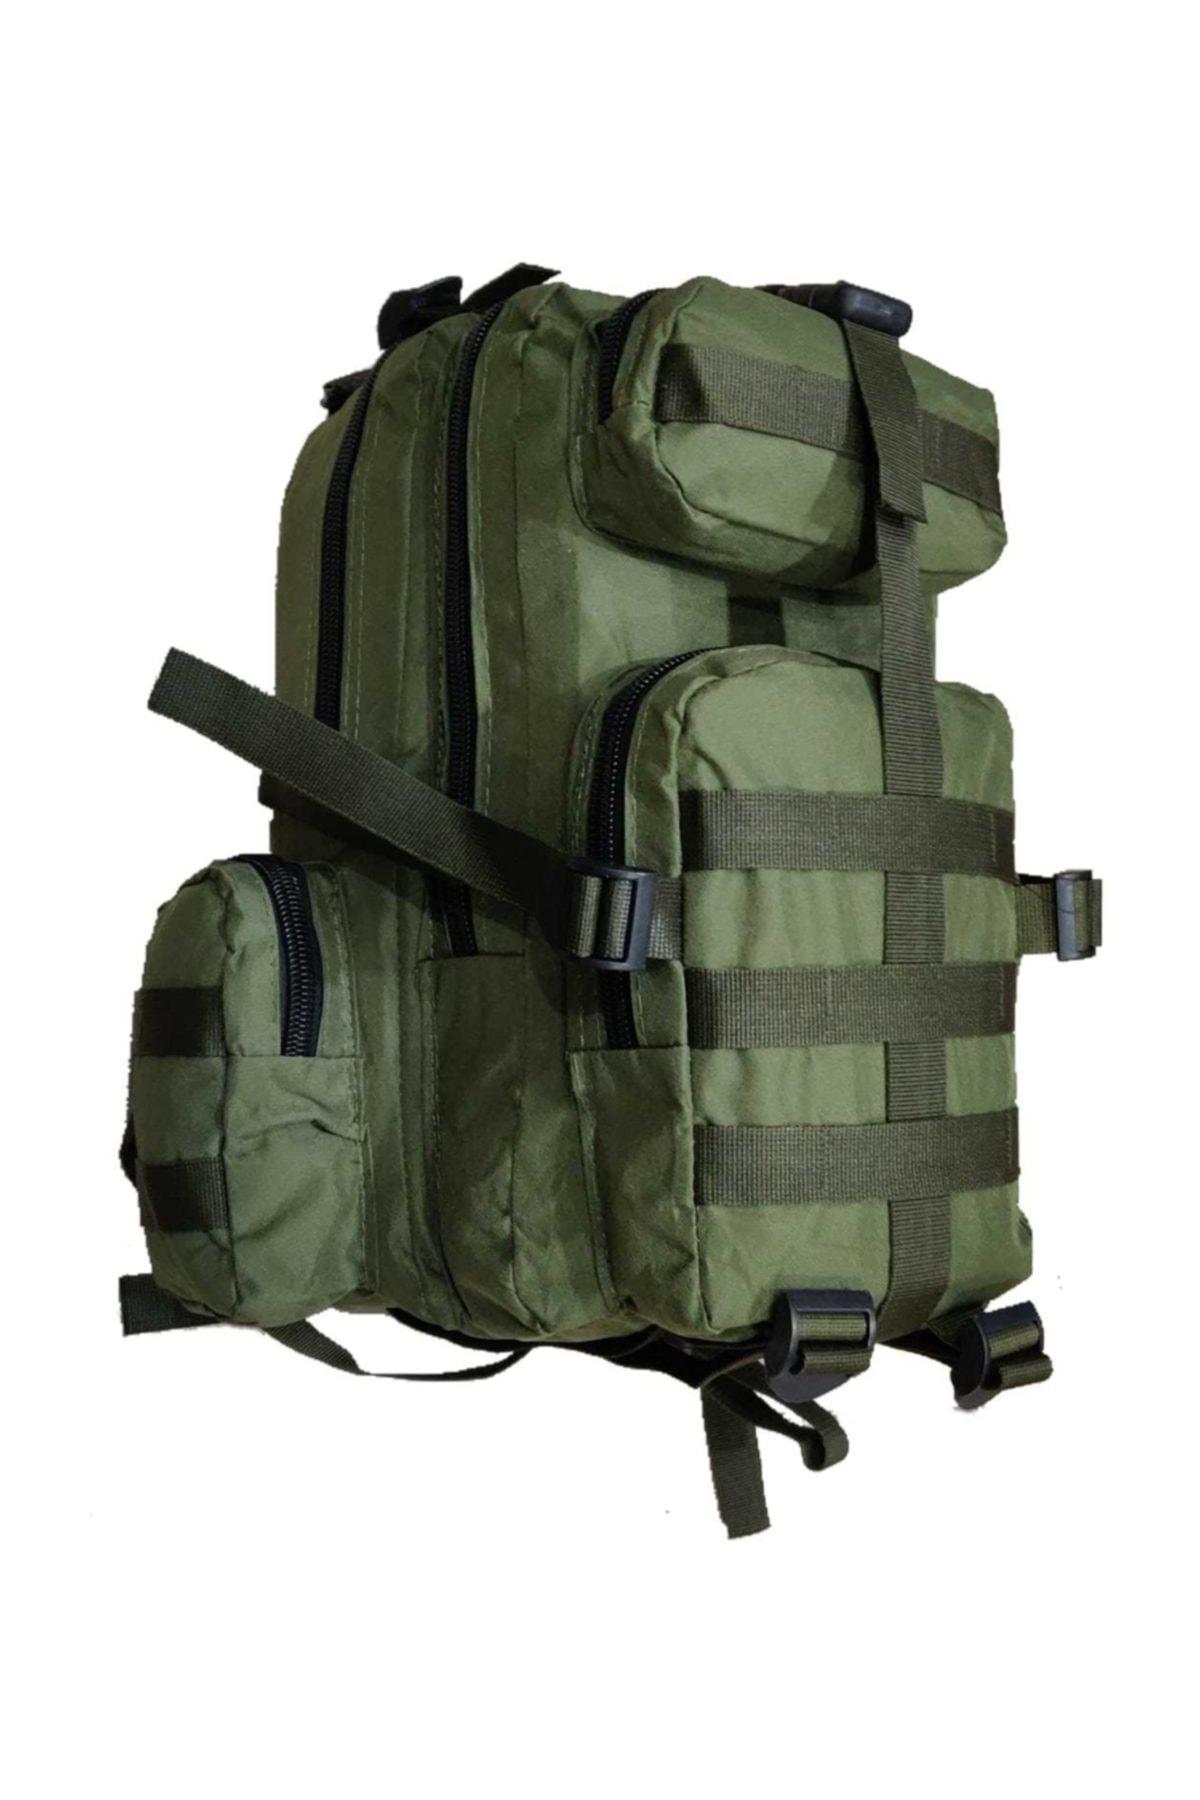 Askeri Dağcı Outdoor Kamp Treking Taktik Sırt Çantası 35 Lt Haki